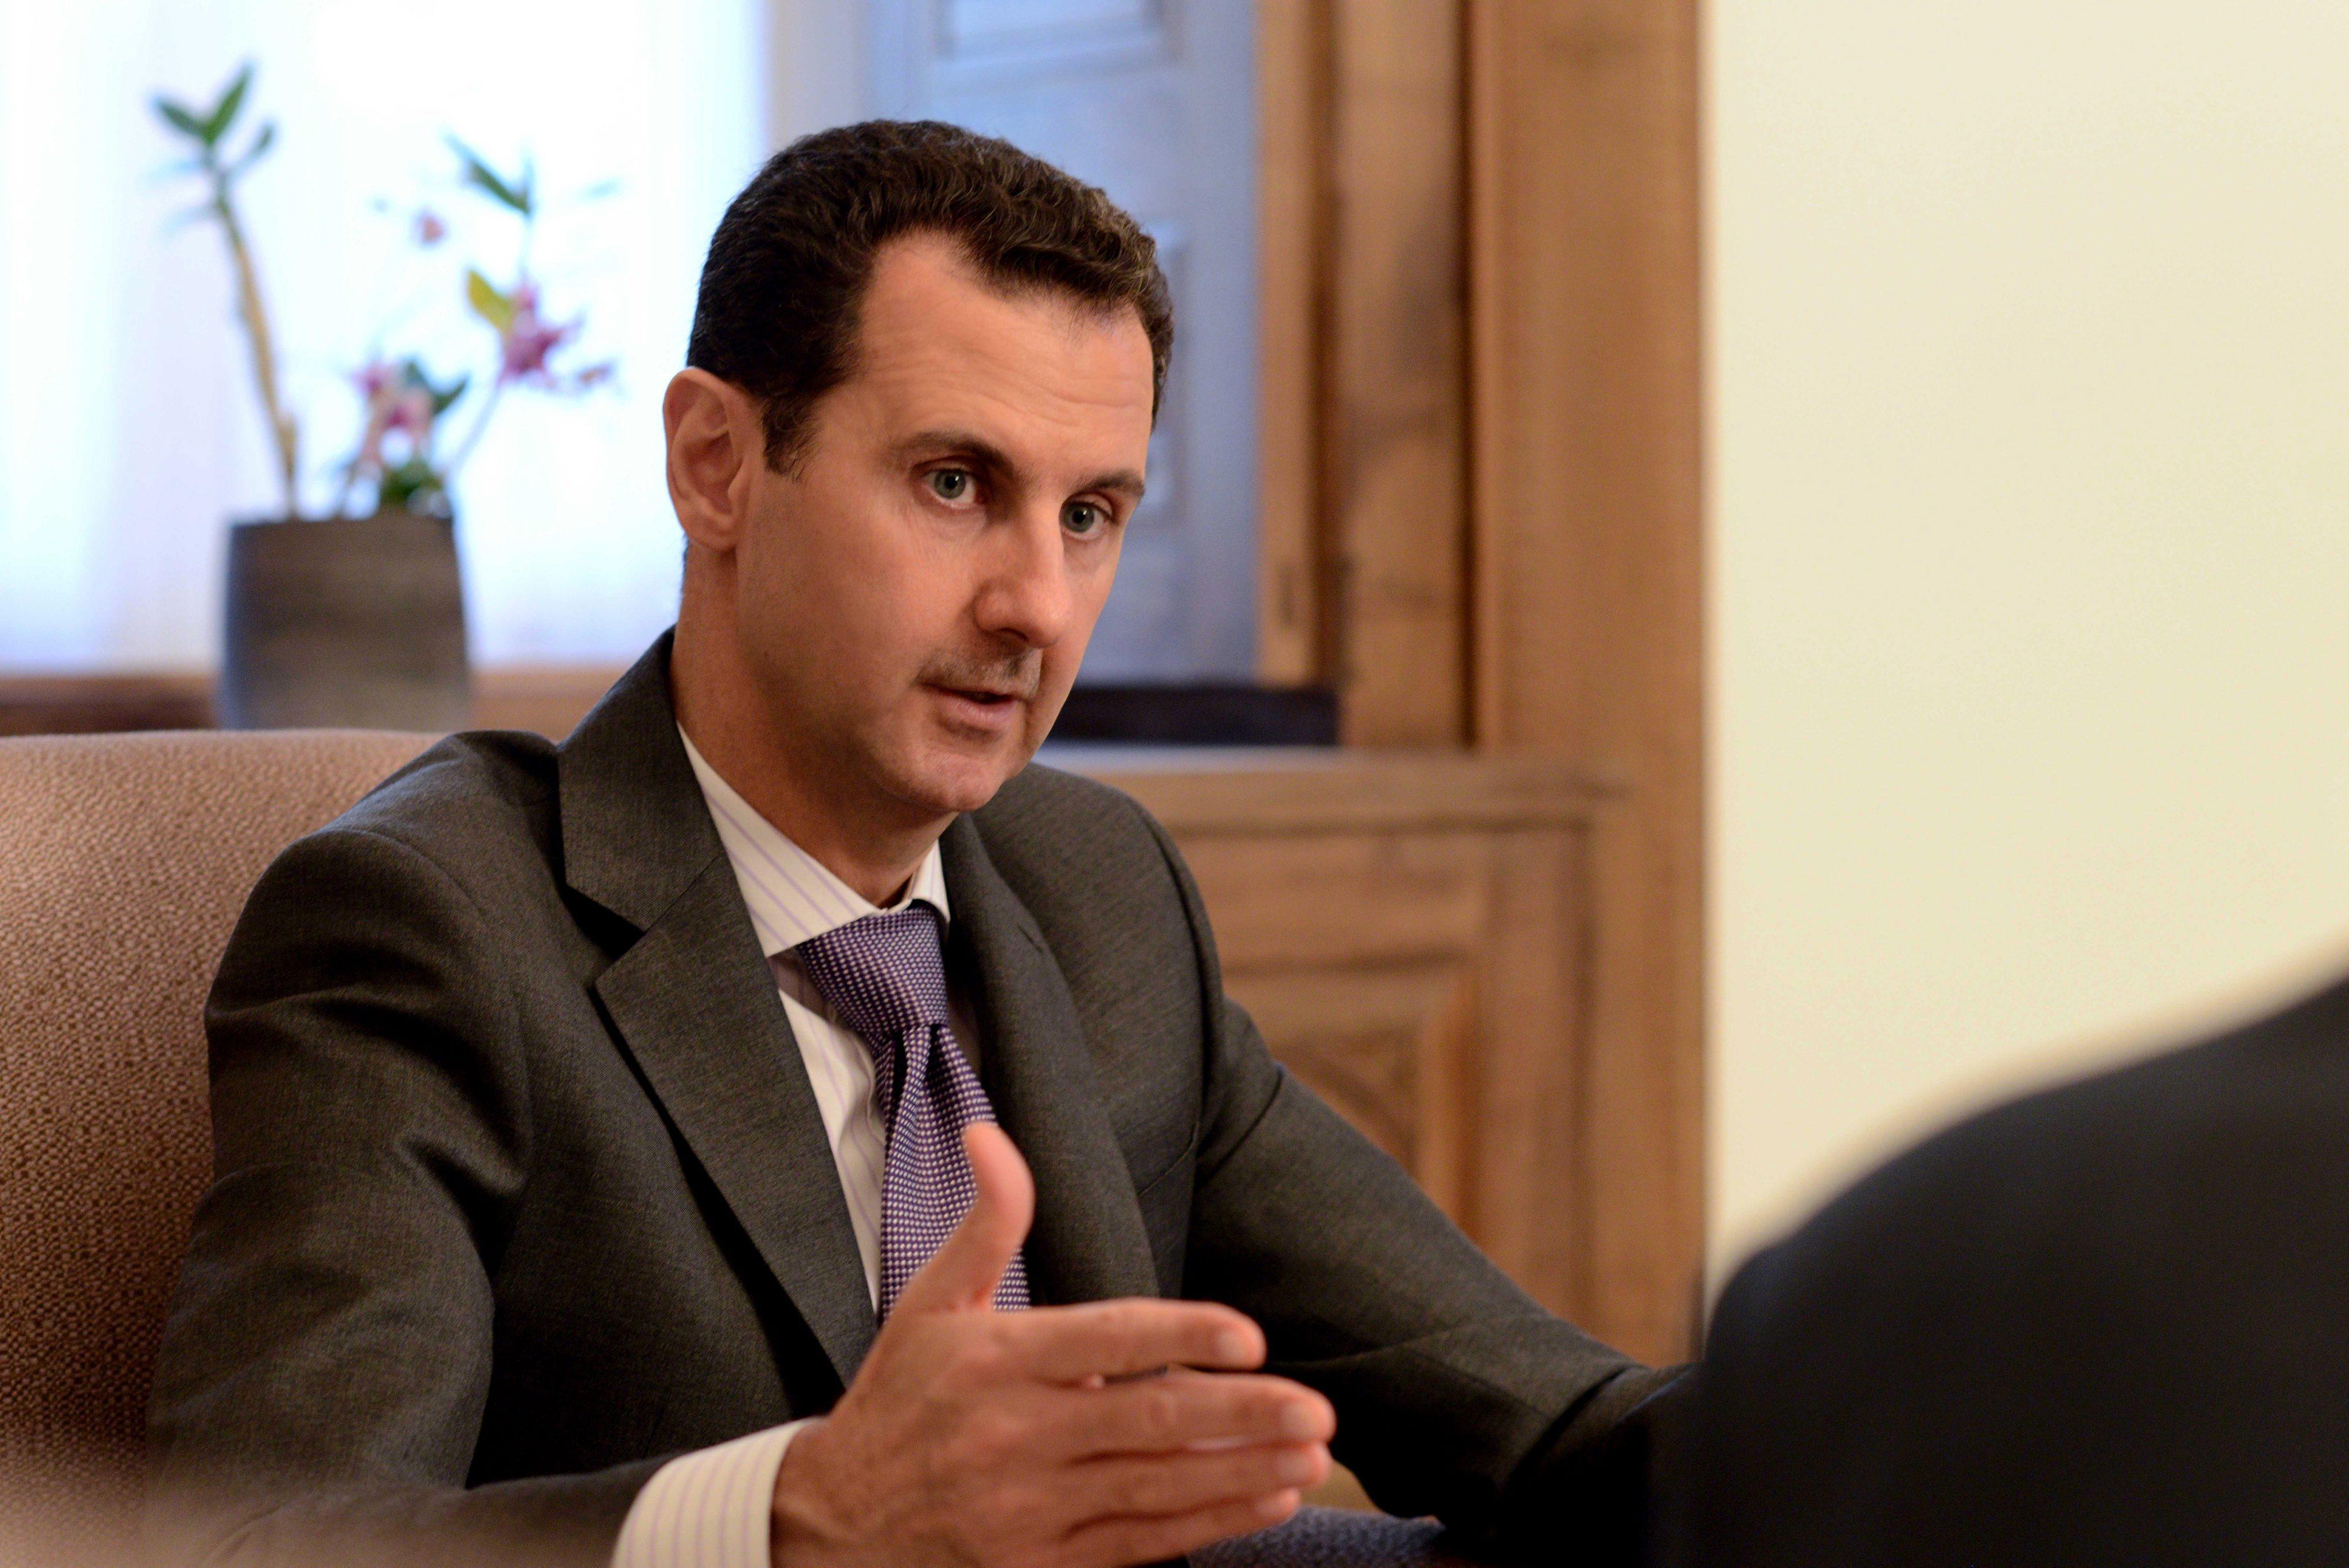 Președintele Siriei, Bashar al-Assad, a fost testat pozitiv cu Covid-19. Reacția opoziției